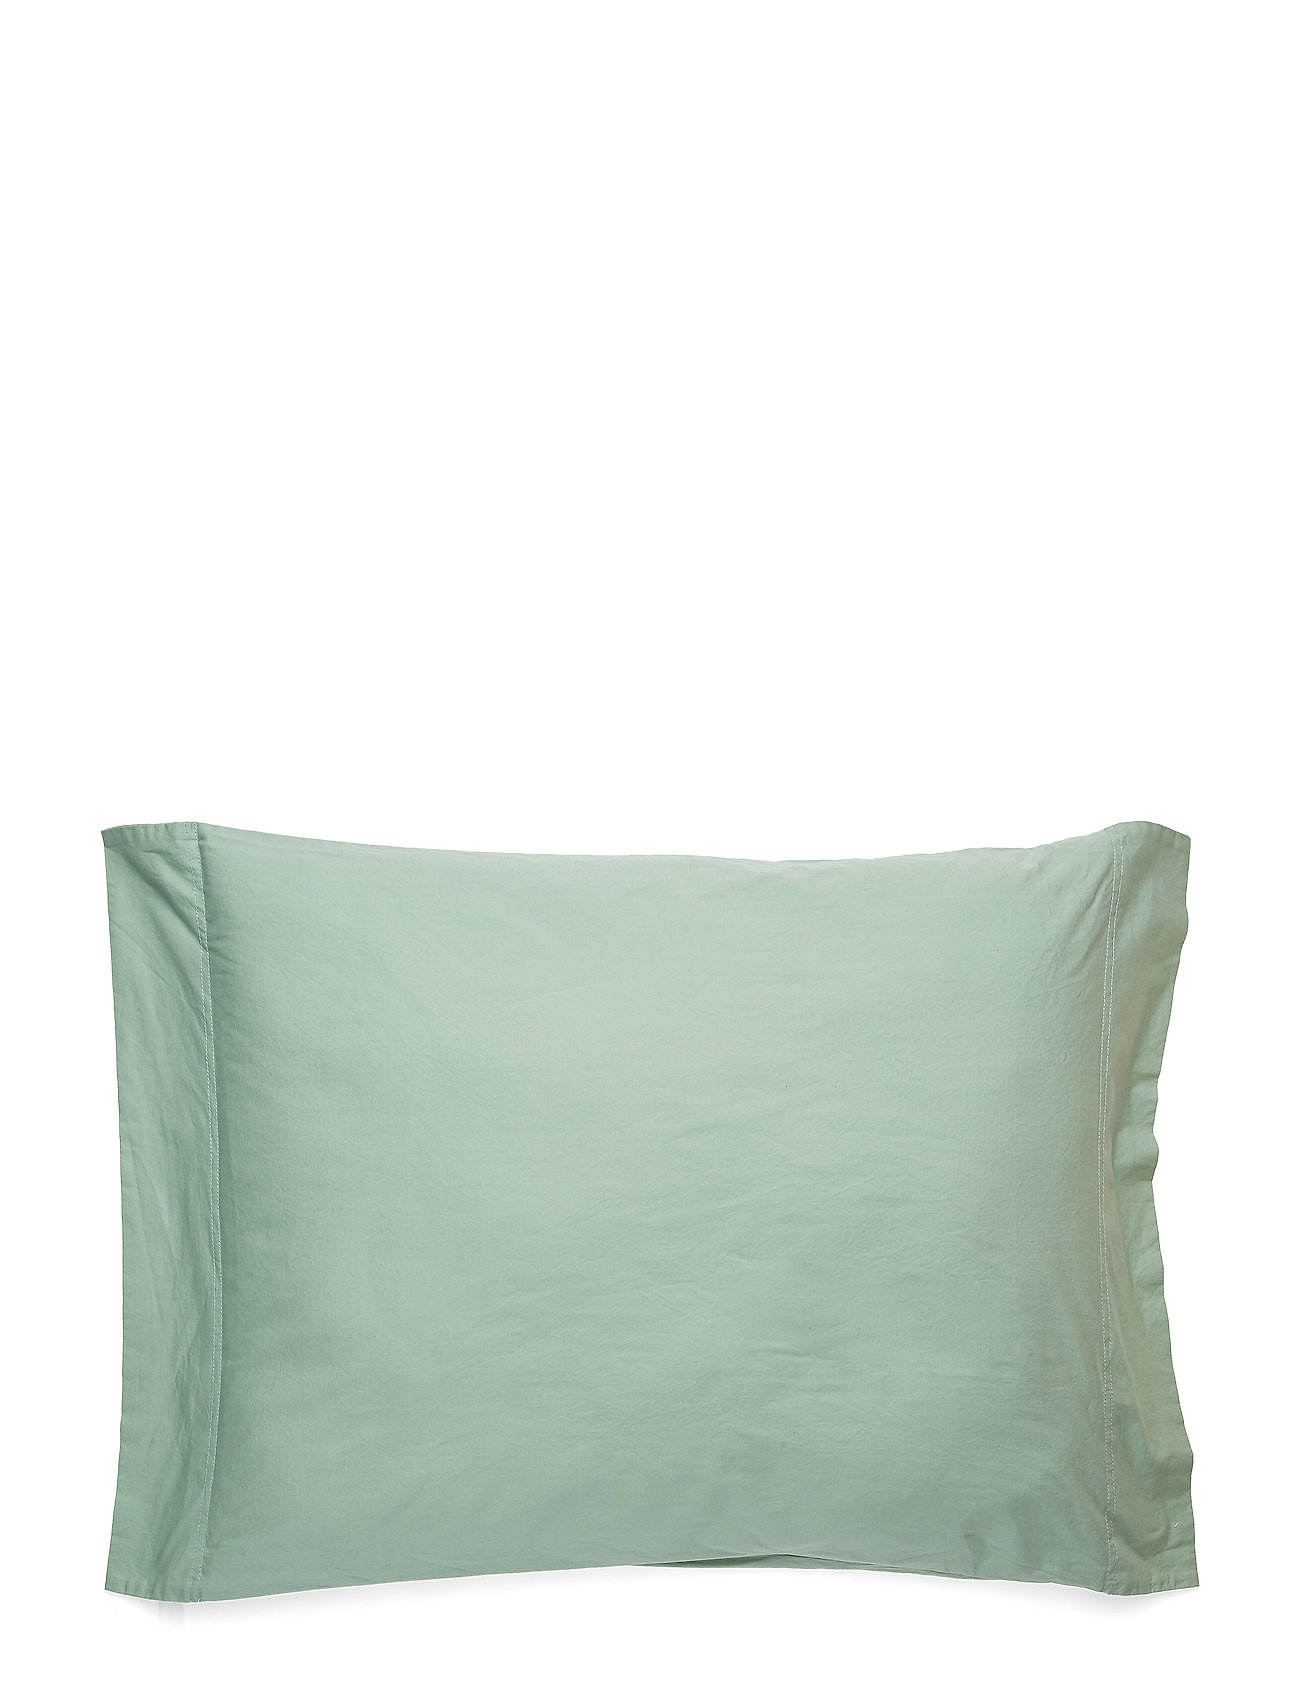 Dirty Linen Triple X Head pillowcase - GREAN BEAN